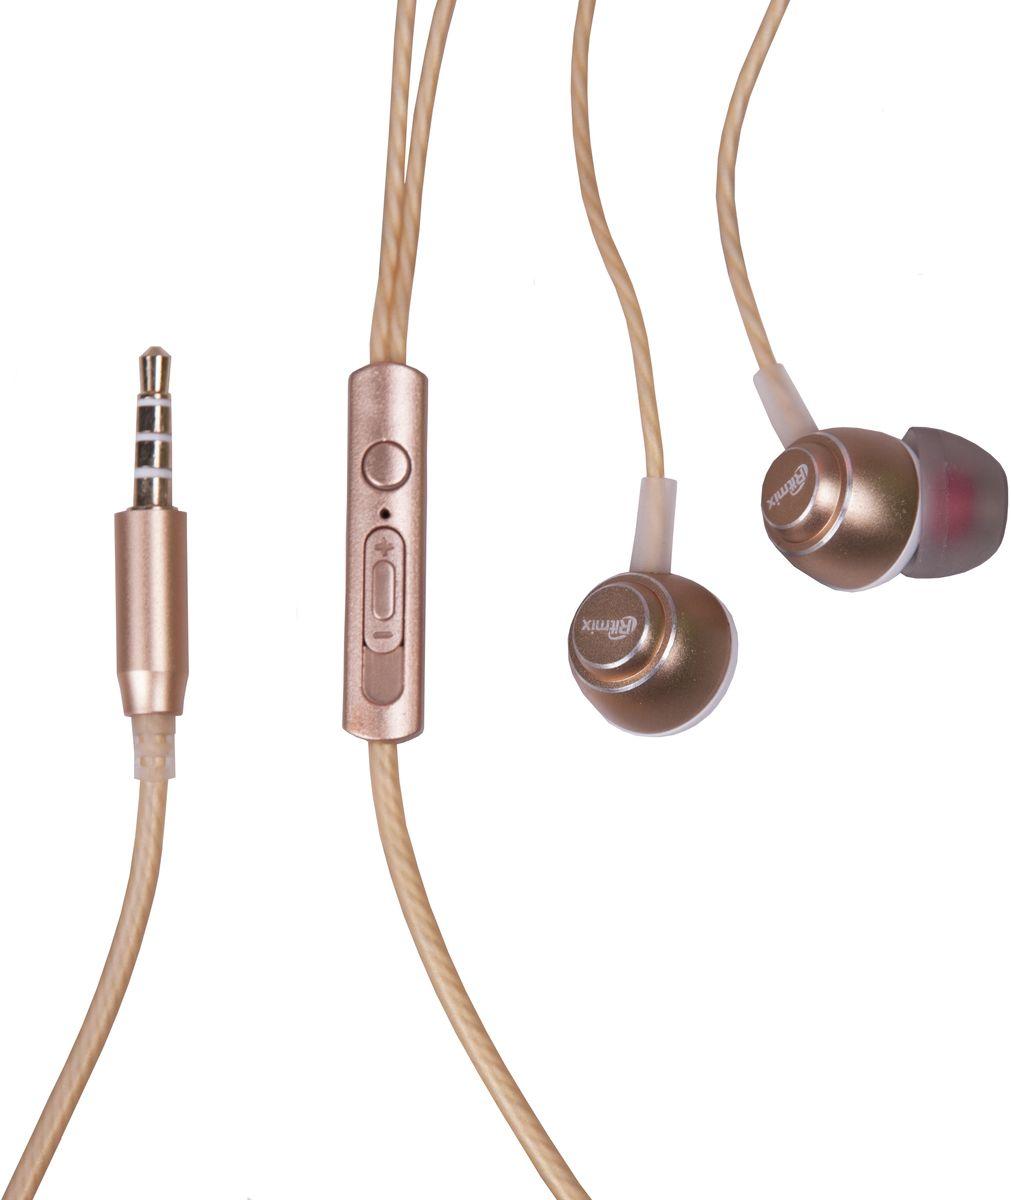 Ritmix RH-150M, Gold наушники15119158Ritmix RH-150M – это портативные наушники-вкладыши с функцией гарнитуры в алюминиевом корпусе. Выпускаются в трёх цветовых решениях и предназначены для использования с телефонами, планшетами и MP3-плеерами. В комплекте имеются дополнительные амбушюры.